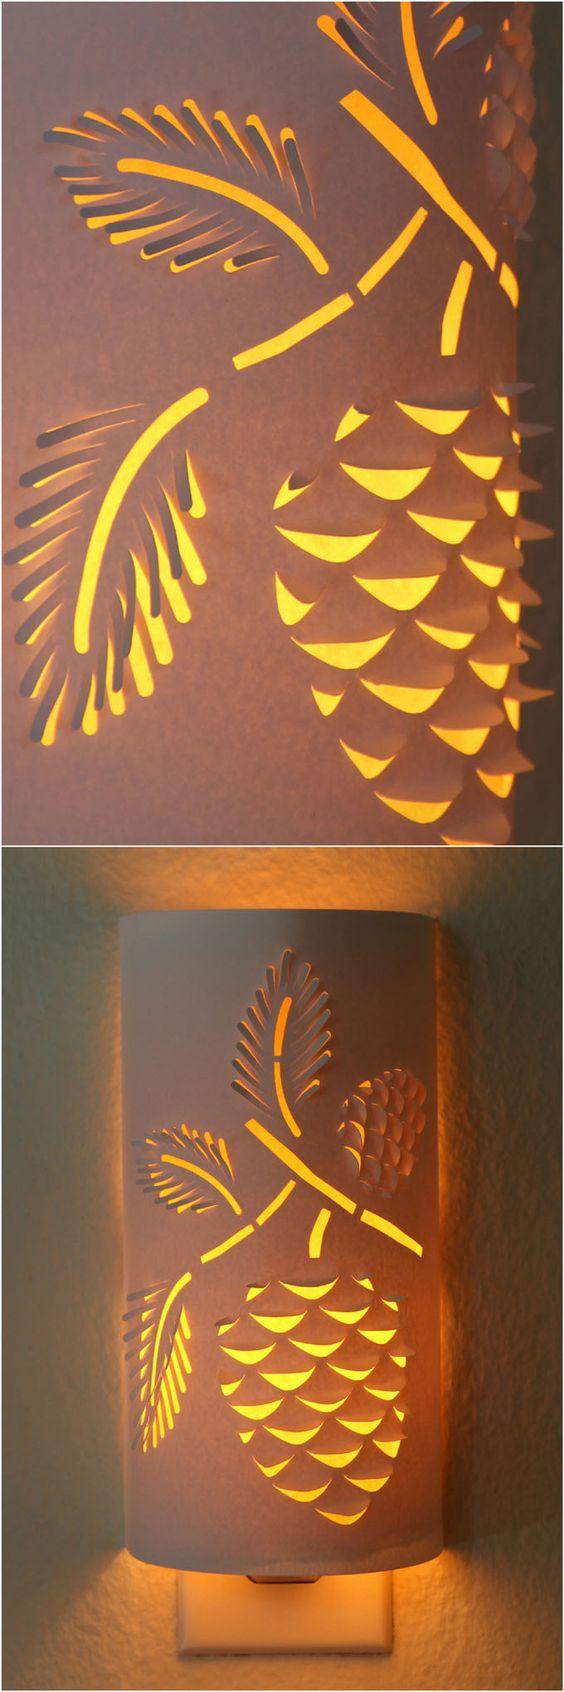 Verwandeln Sie ein einfaches Nachtlicht in einem bezaubernden Papierlaterne.  Laden Sie sich die Blume oder Kiefernzapfen Designs Ihre eigene funktionale Kunst zu machen, die leuchtet!  - Ein Stück Regenbogen